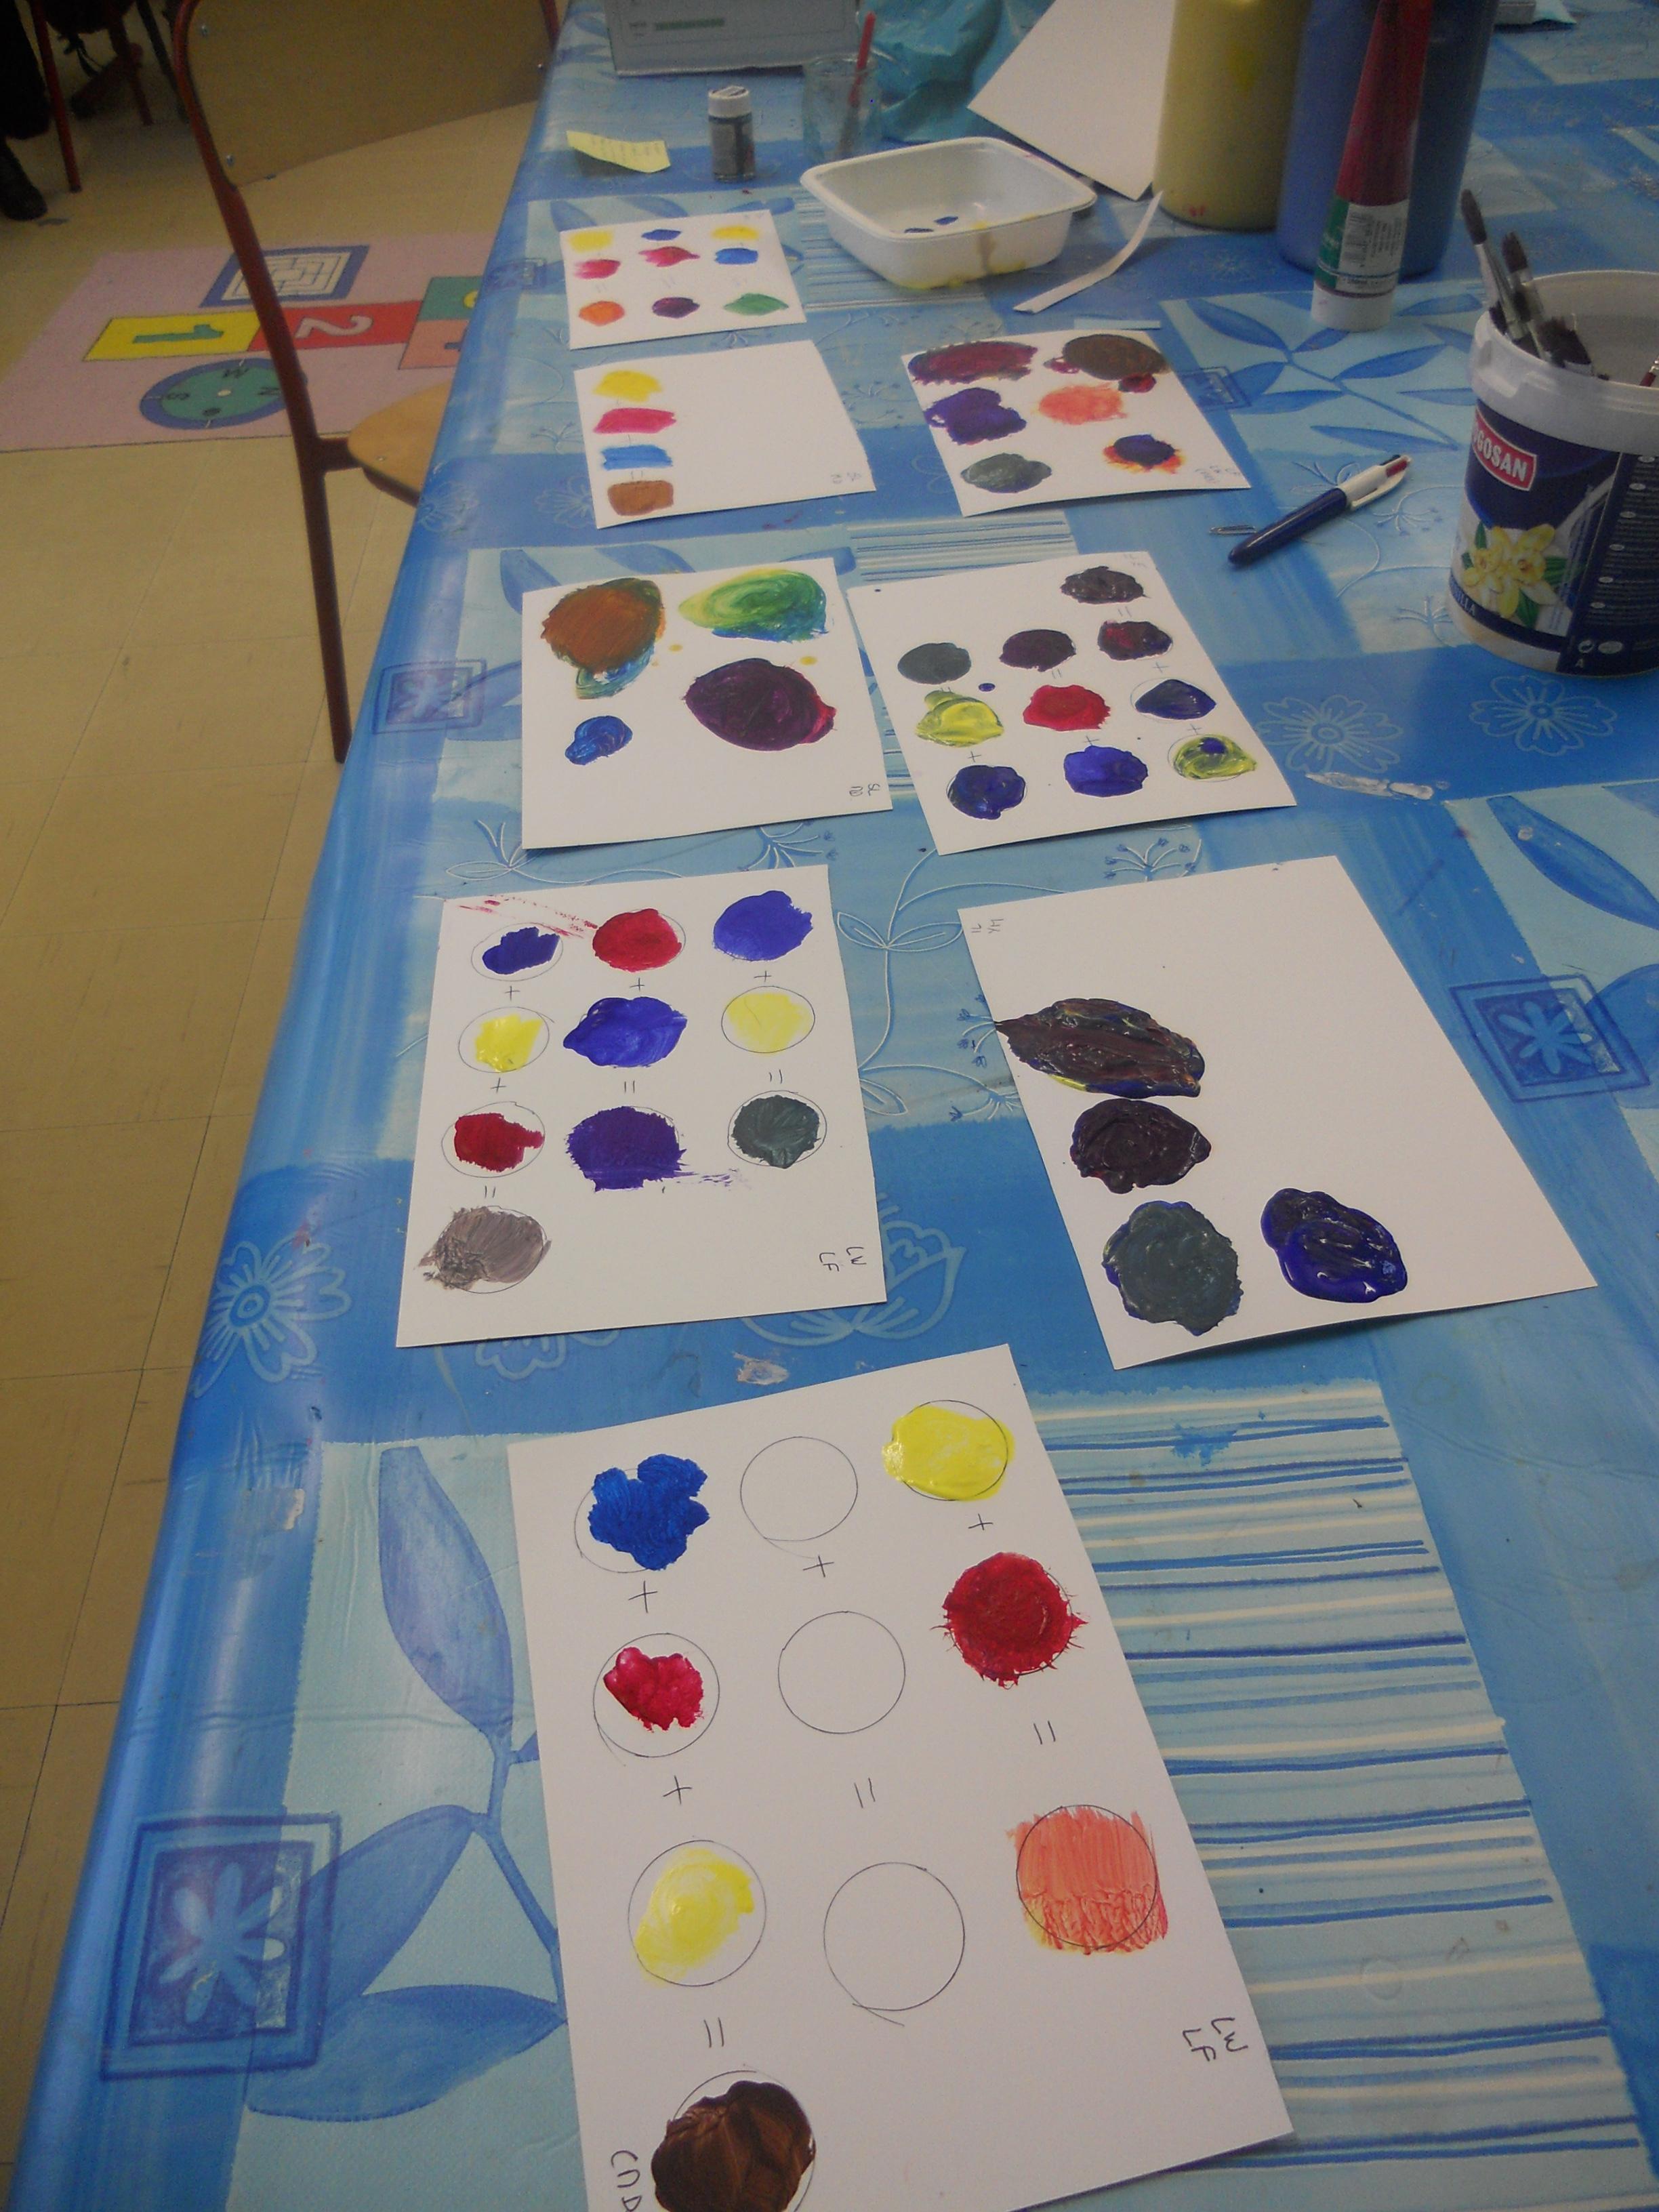 projet natasha wescoat ritamoutarde en clis With couleurs chaudes en peinture 12 projet natasha wescoat ritamoutarde en clis